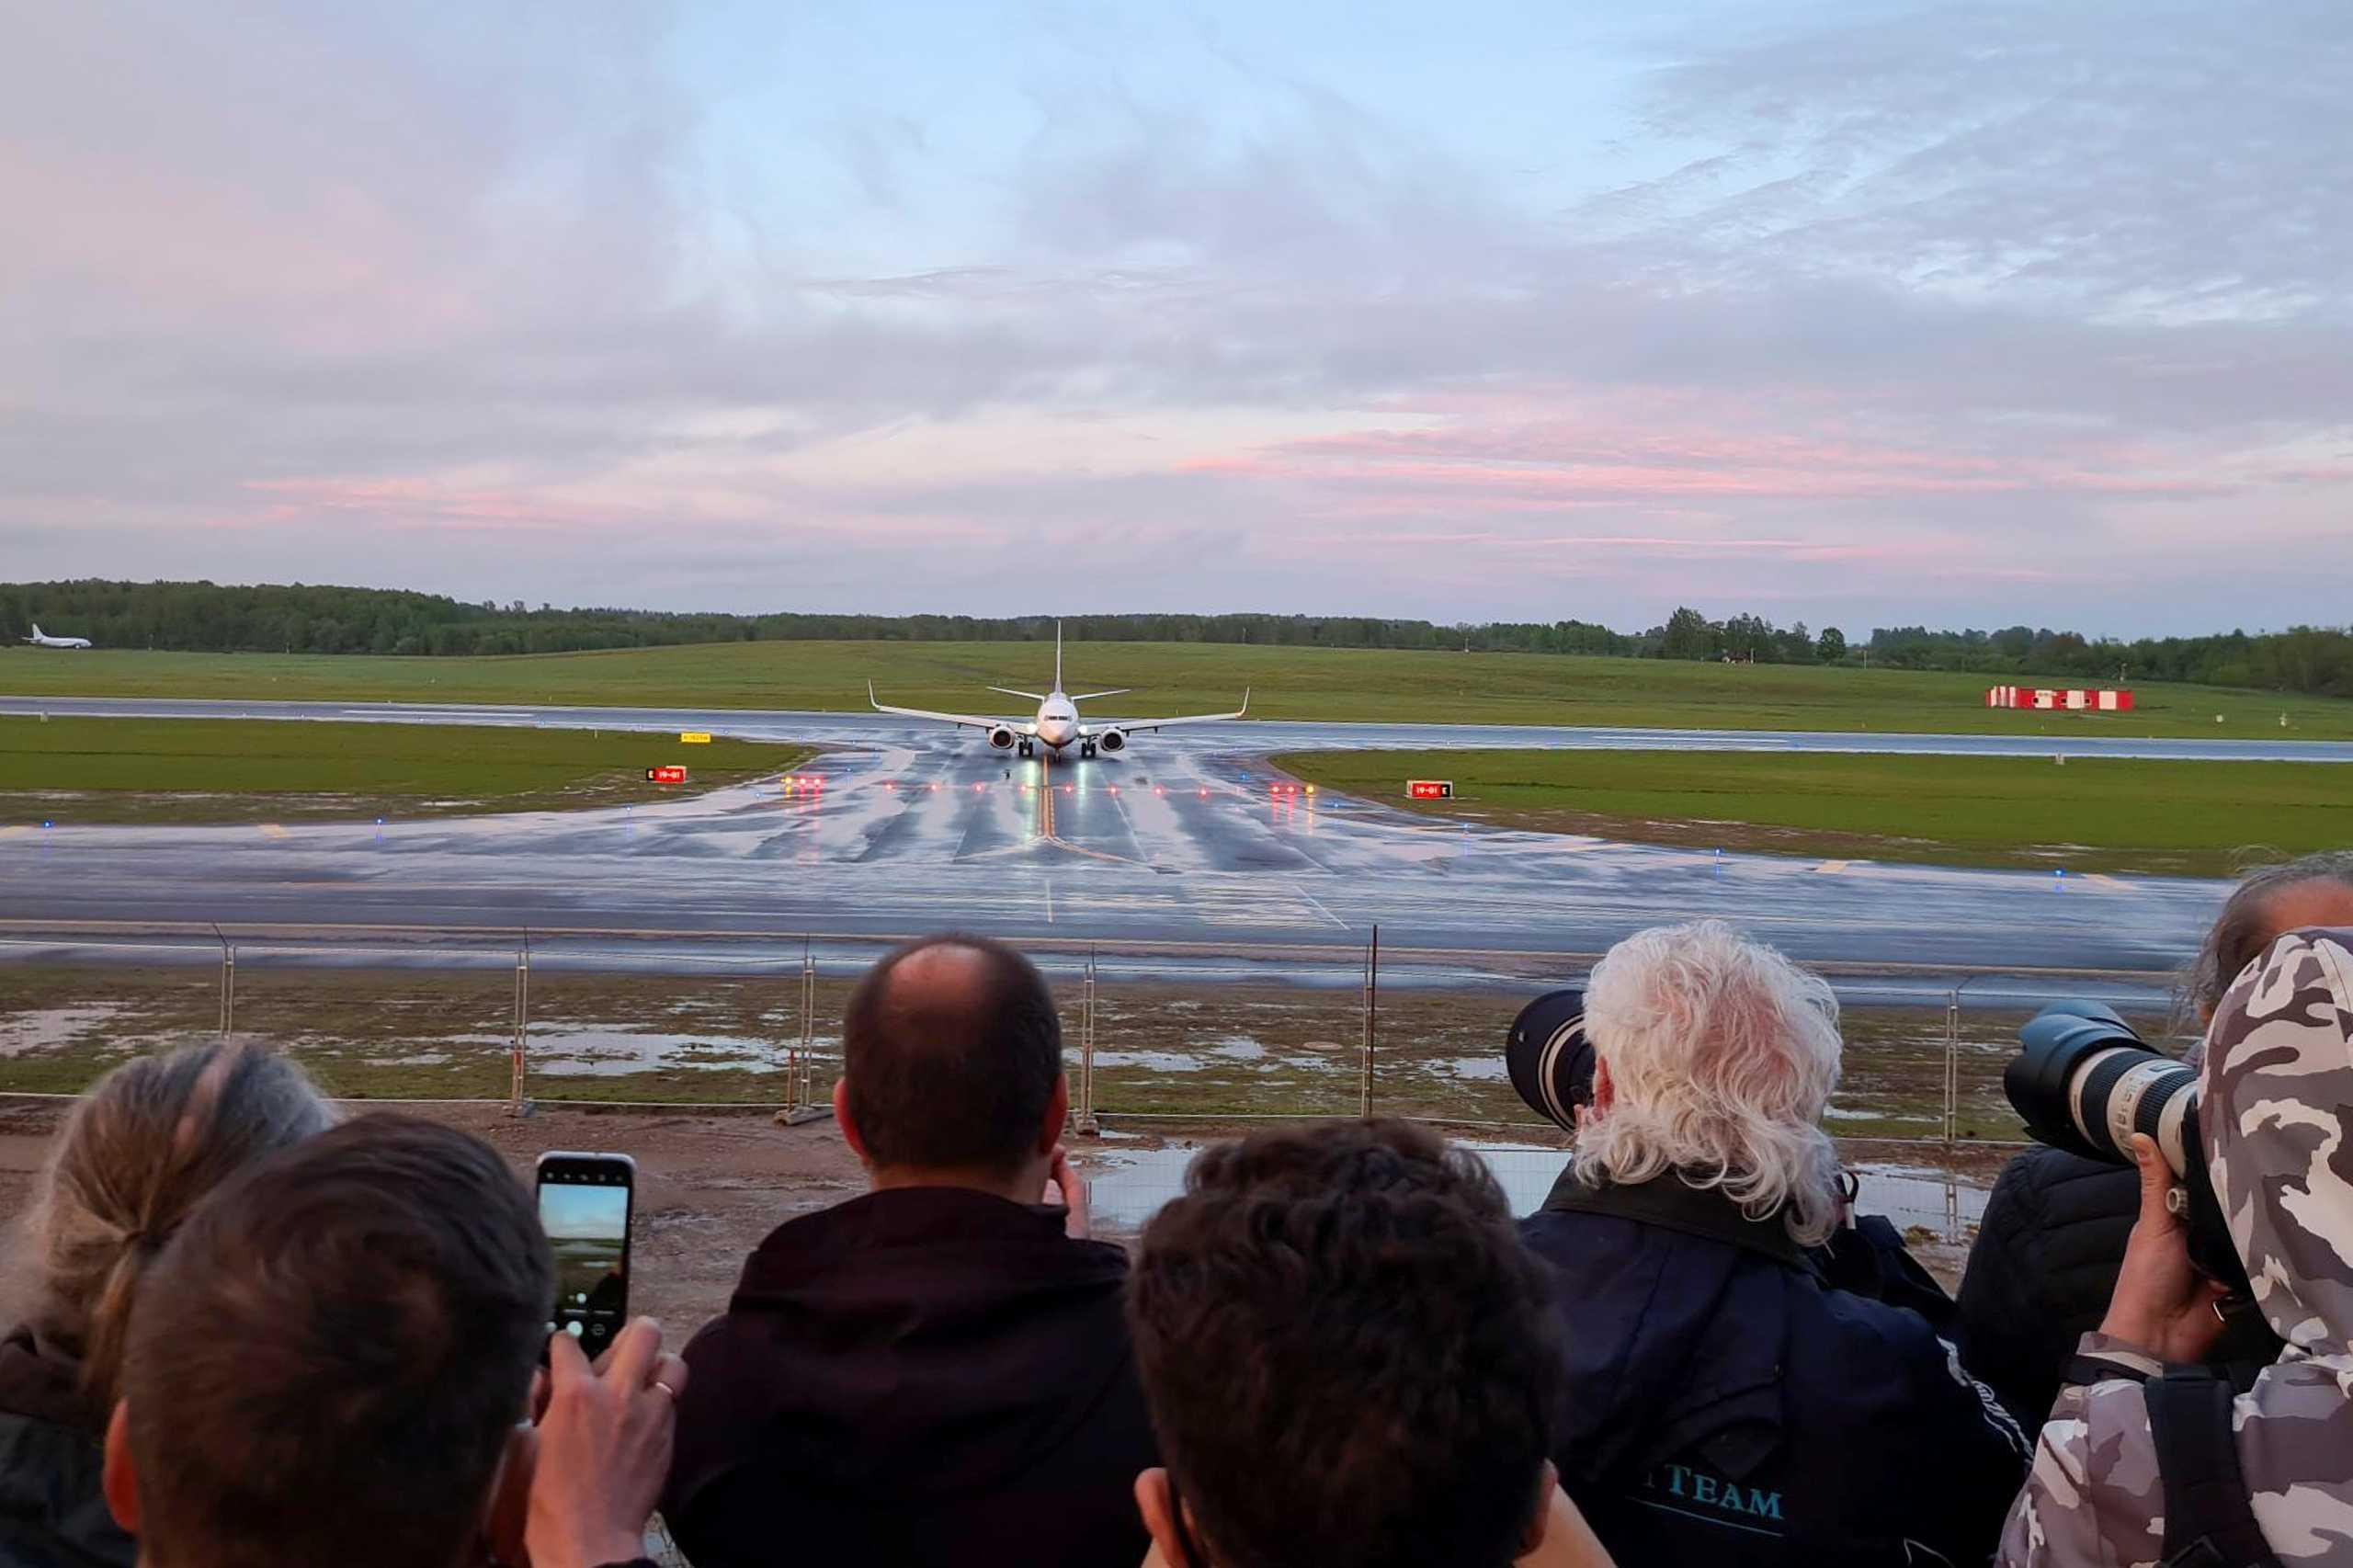 Πτήση Ryanair: Και Κύπριος ανάμεσα στους επιβάτες